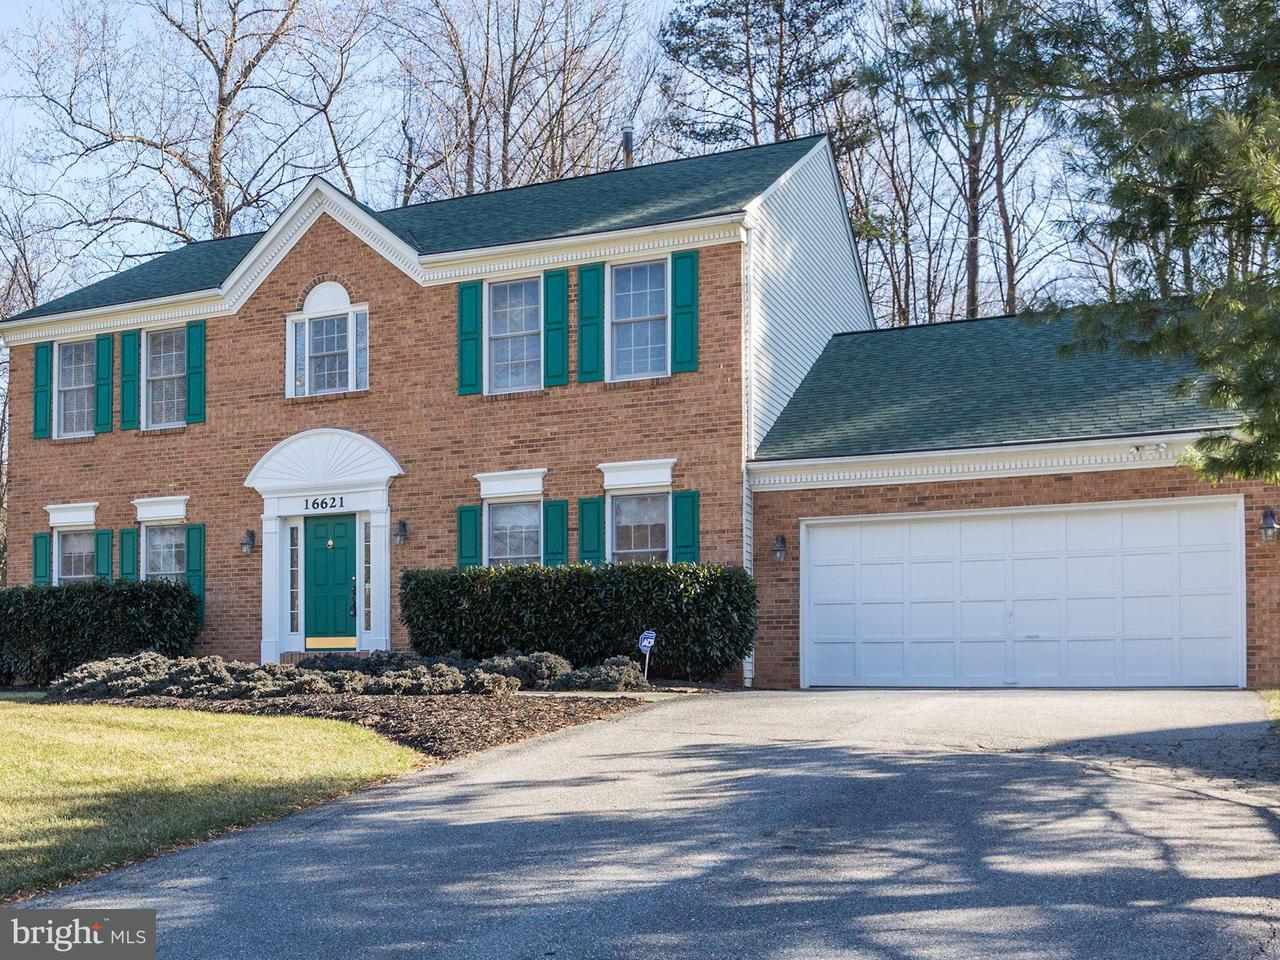 단독 가정 주택 용 매매 에 16621 Music Grove Court 16621 Music Grove Court Rockville, 메릴랜드 20853 미국